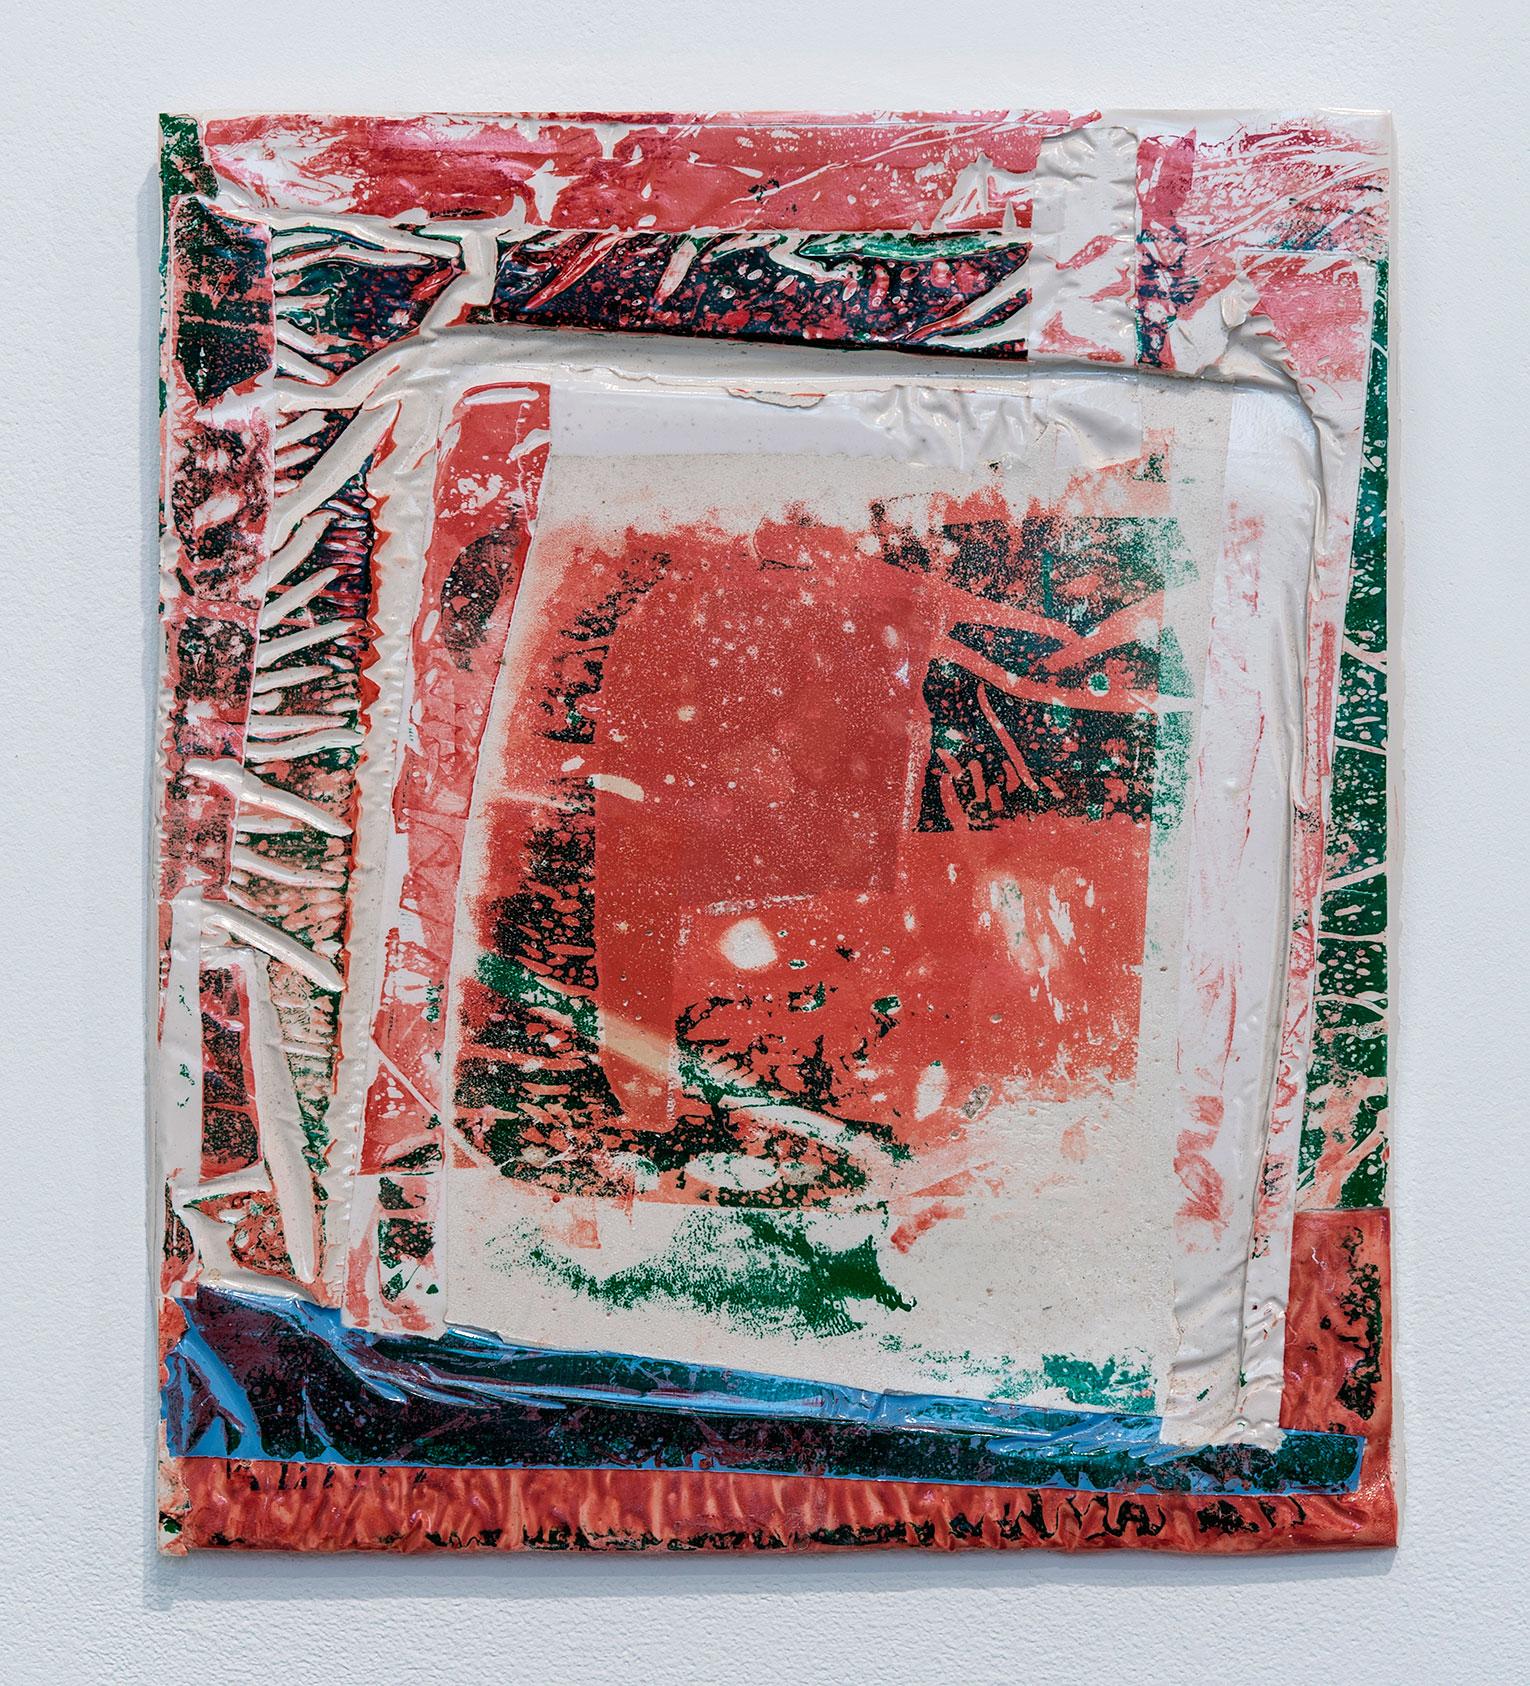 <b>Title:</b>Pad<br /><b>Year:</b>2014<br /><b>Medium:</b>Polyester resin<br /><b>Size:</b>35 x 30 x 2 cm